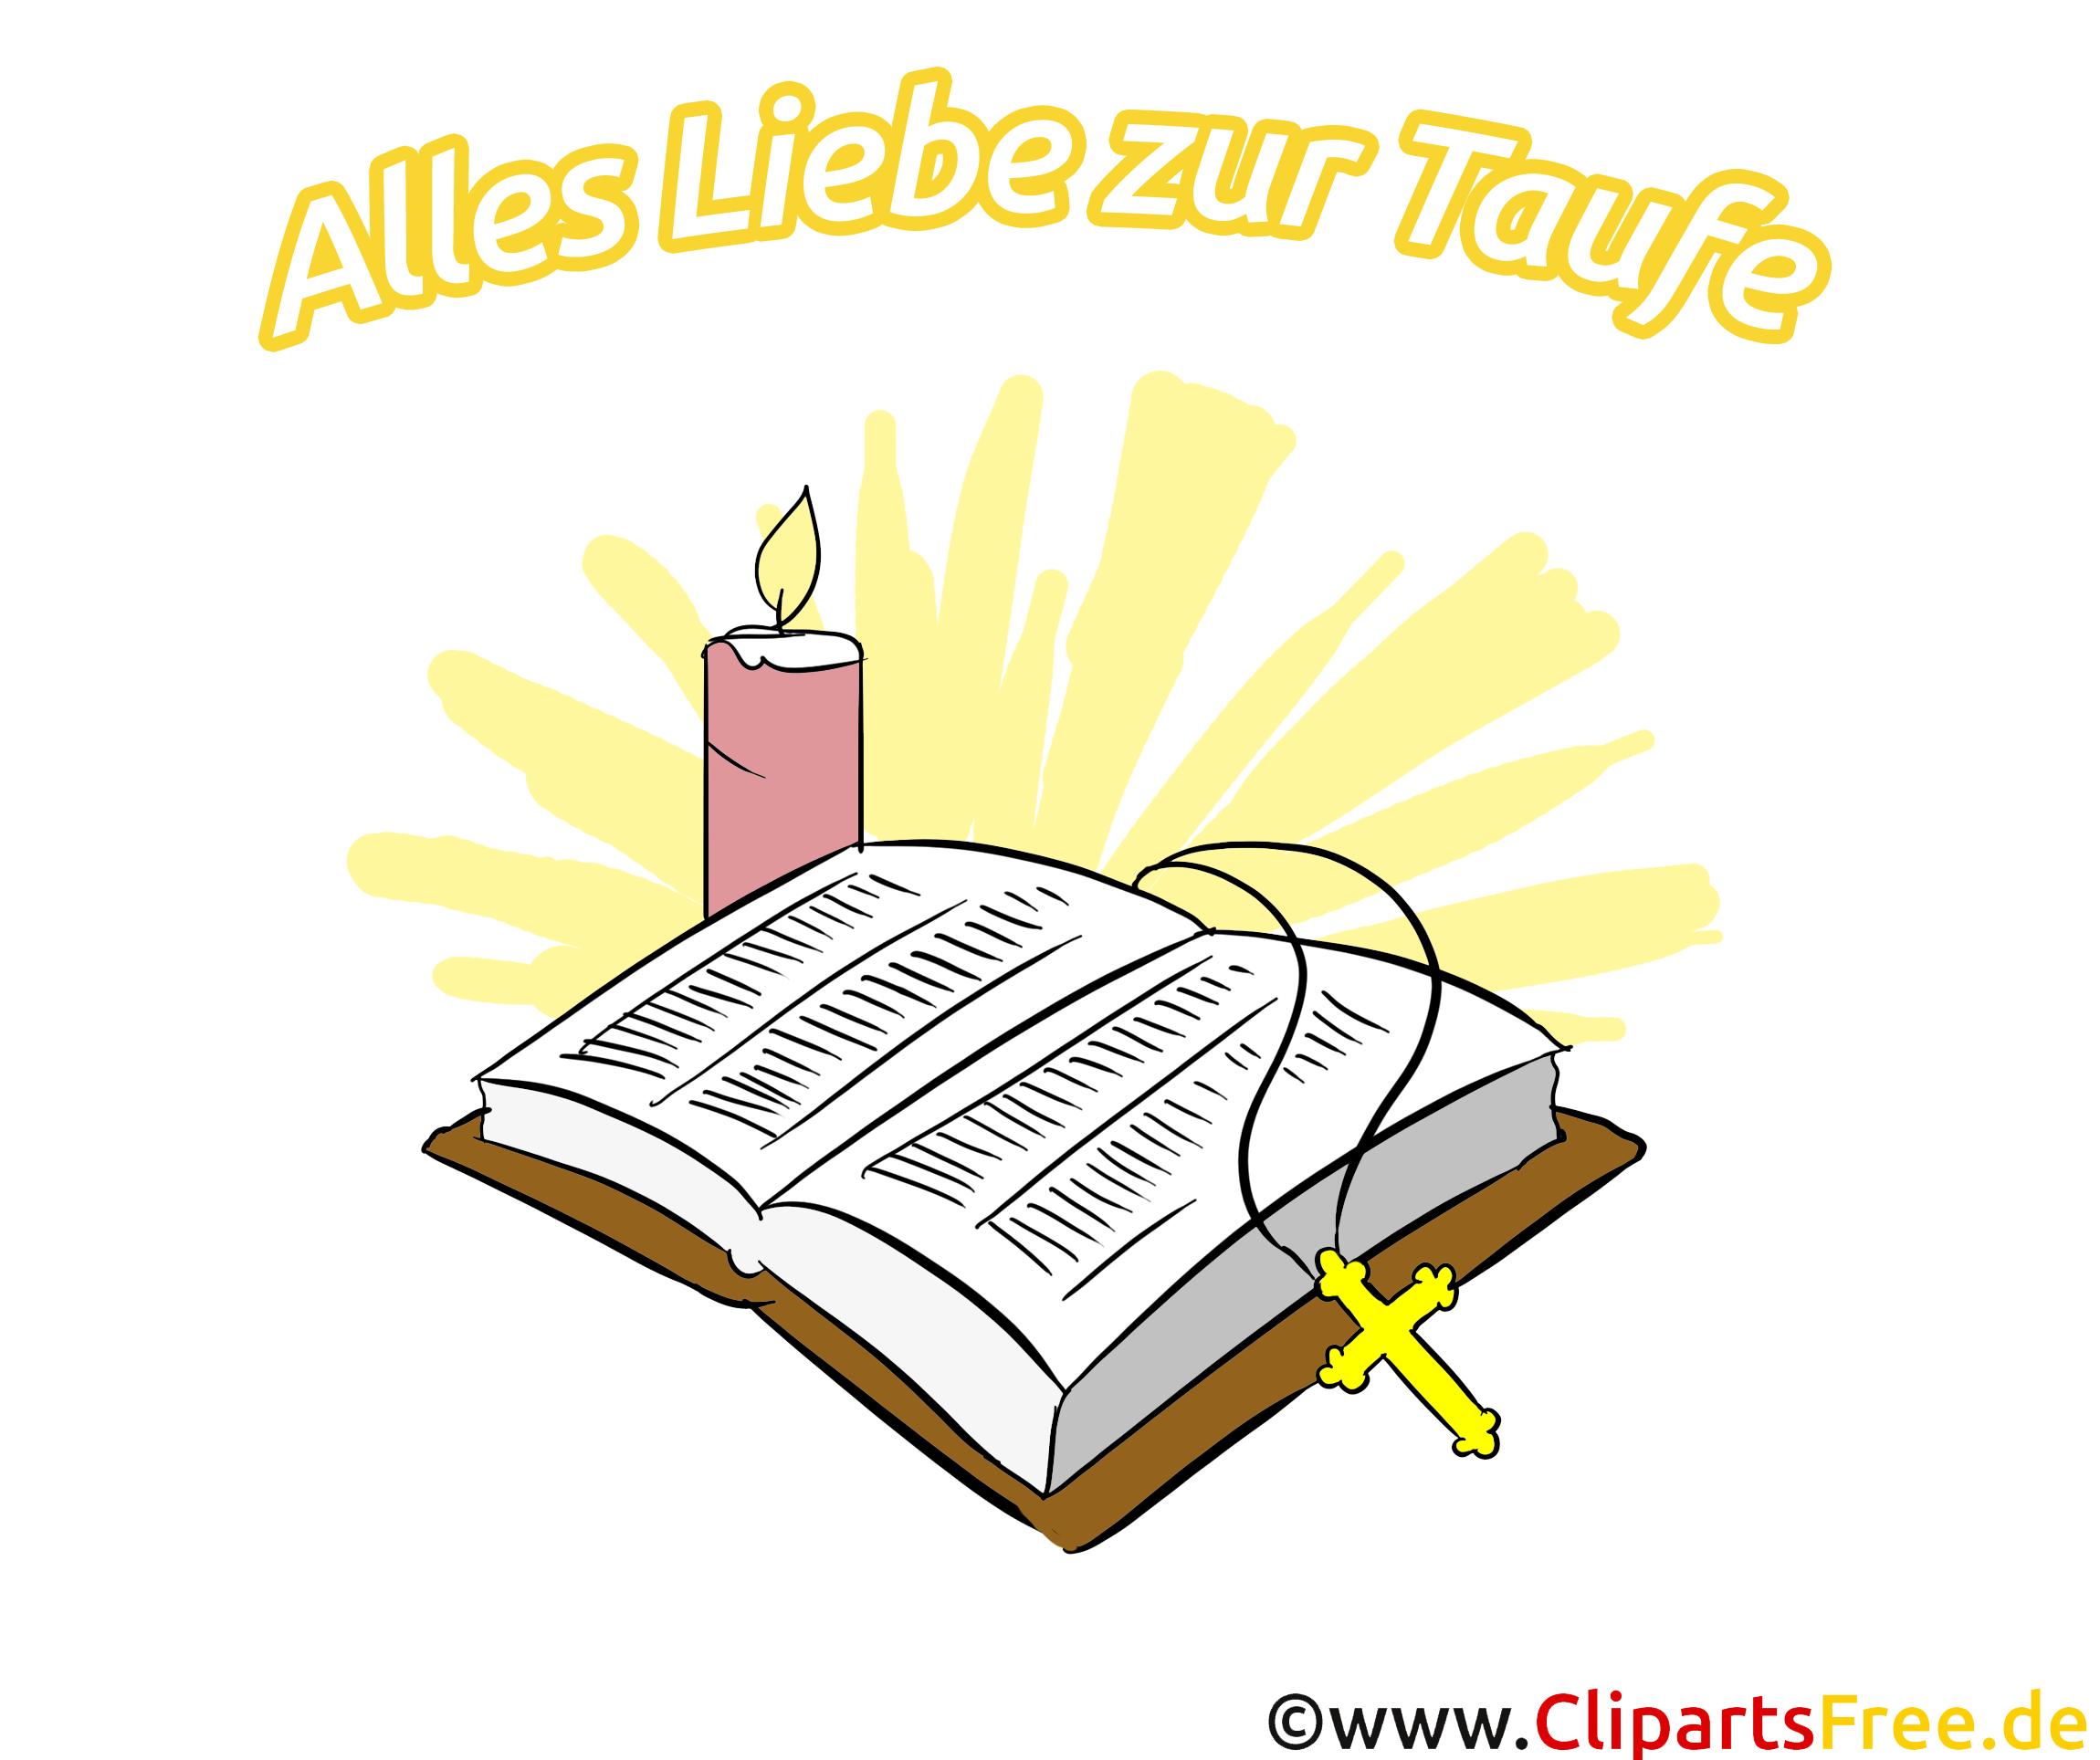 Bildtitel: Buch und Kerze Cliparts, Illustrationen, Bilder zum Thema ...